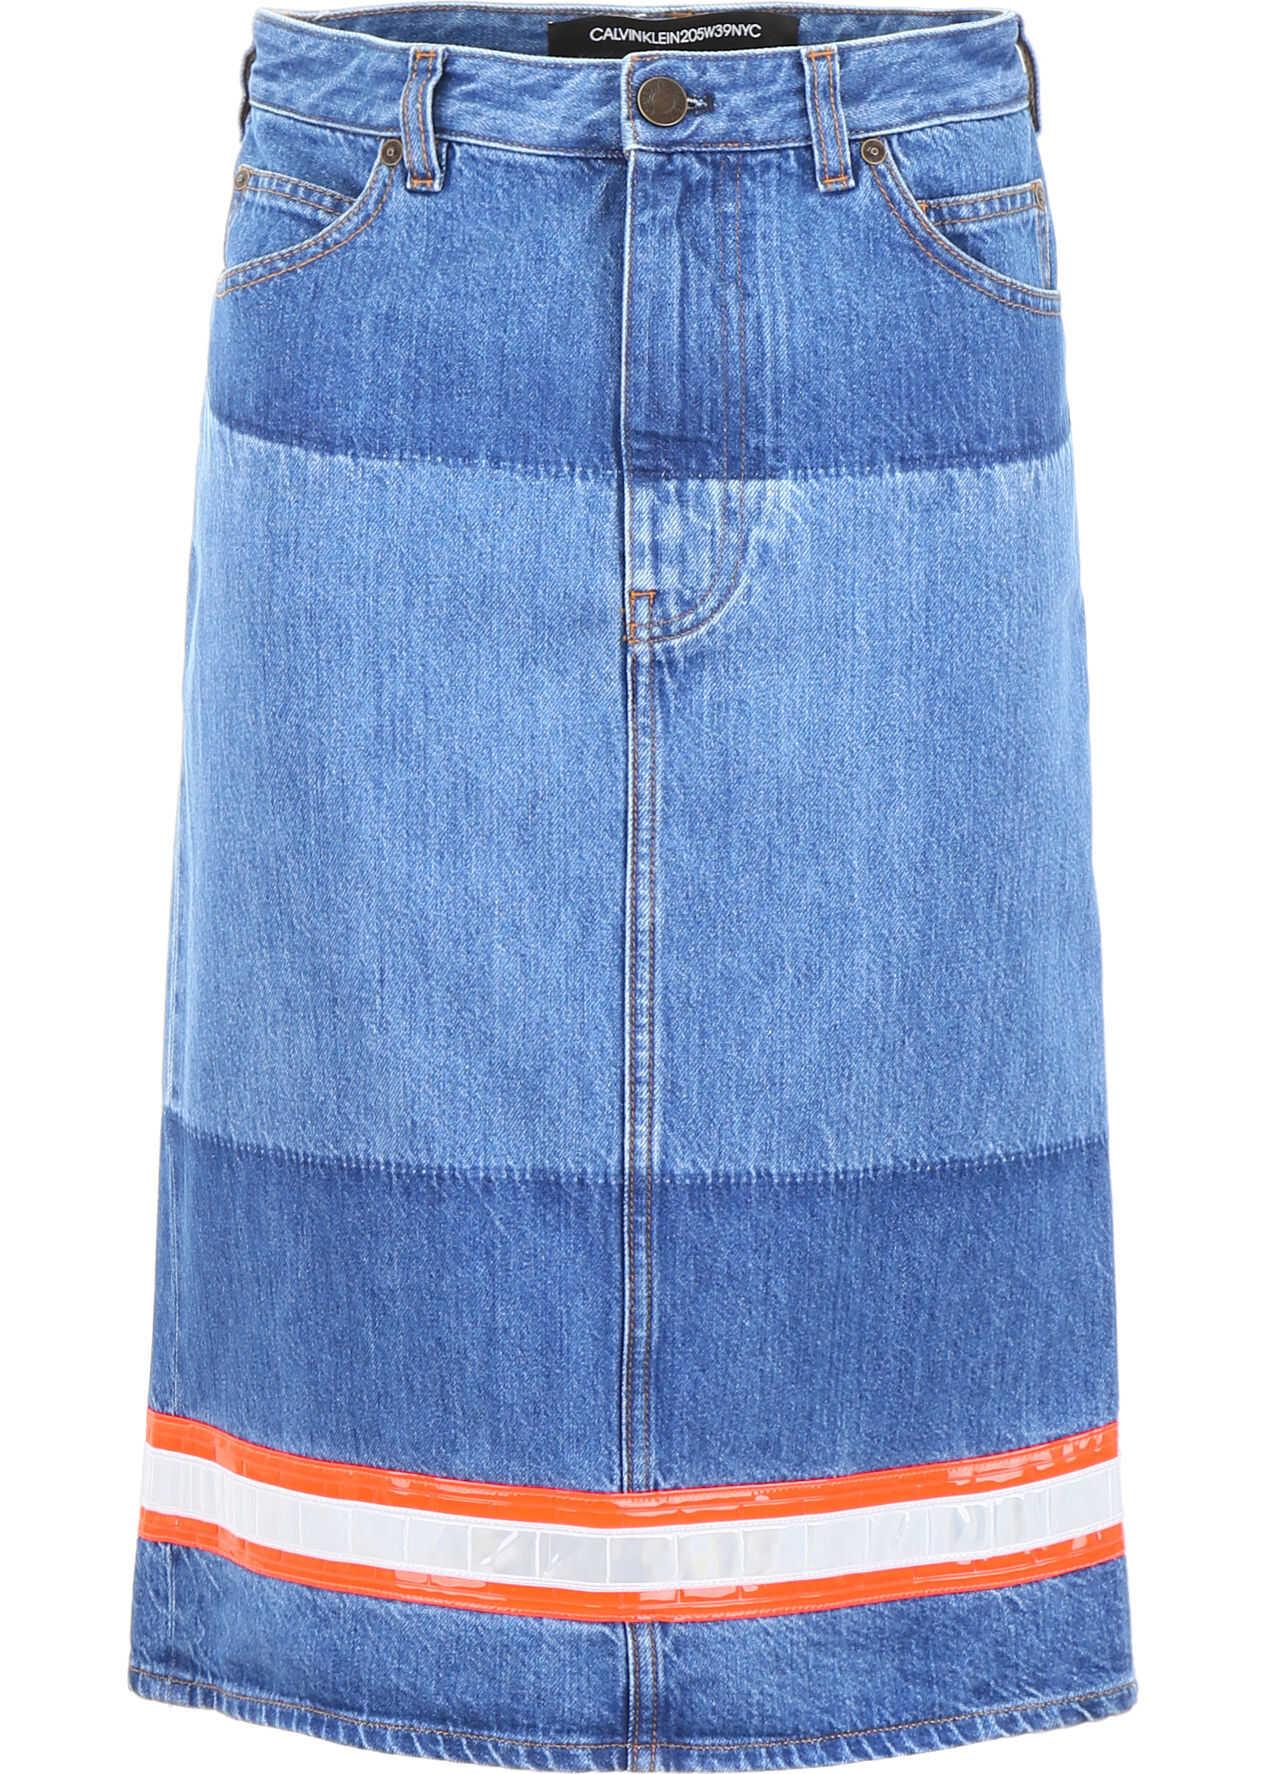 Calvin Klein 205W39NYC Denim Skirt BLUE